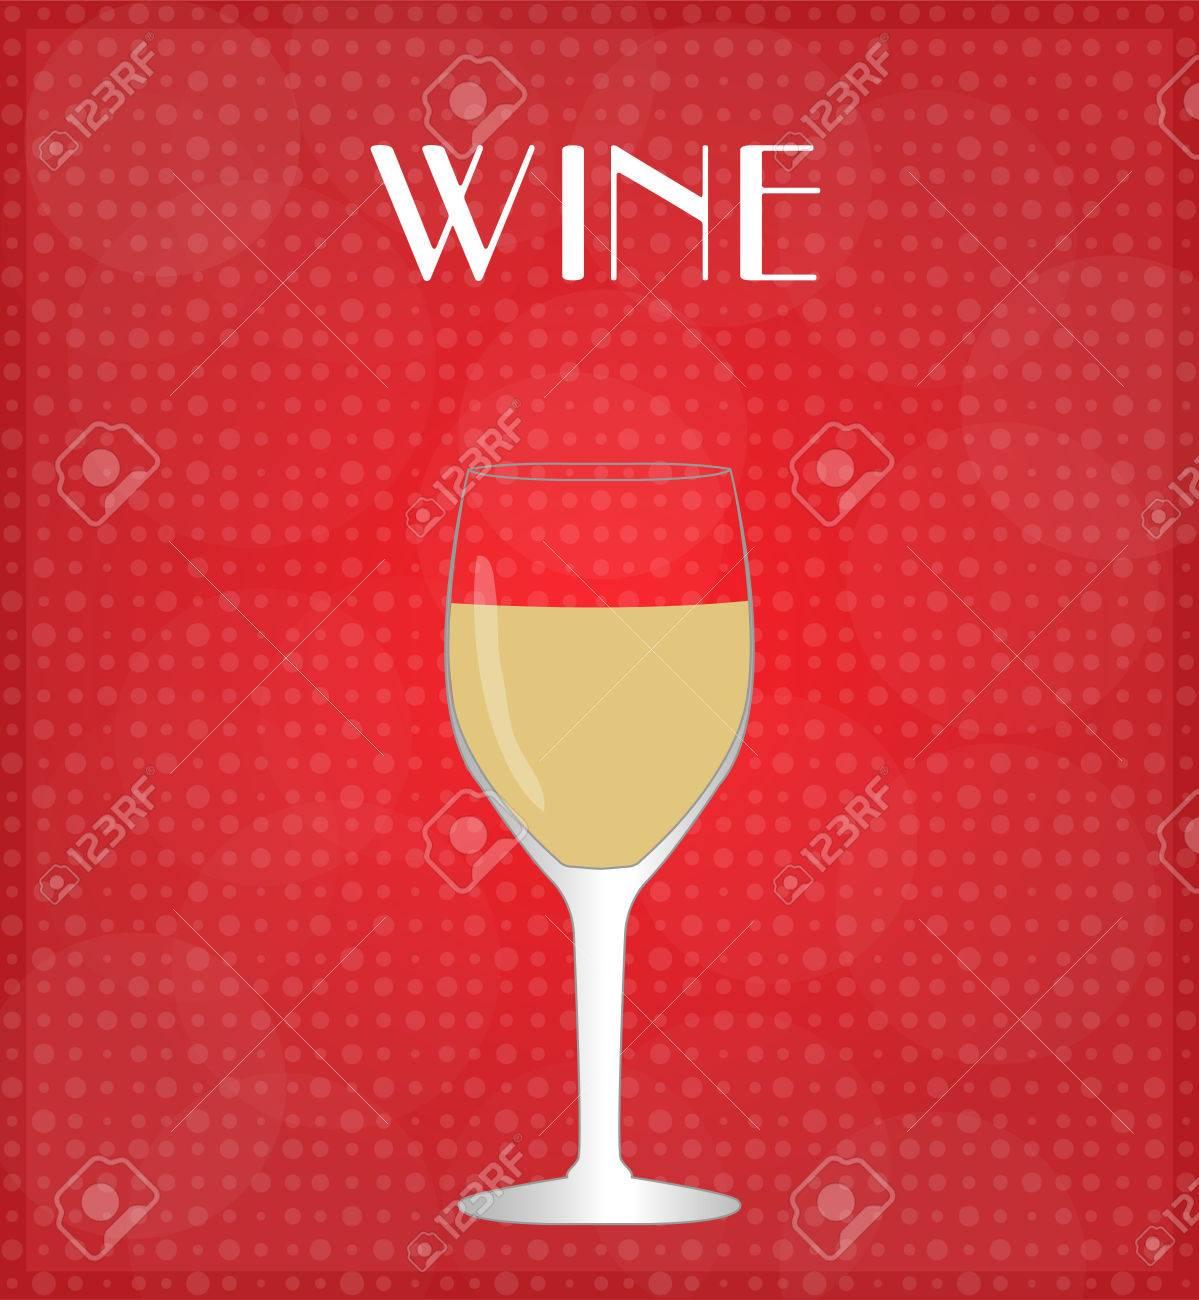 Getränke Liste Weißwein Mit Rotem Hintergrund Lizenzfrei Nutzbare ...